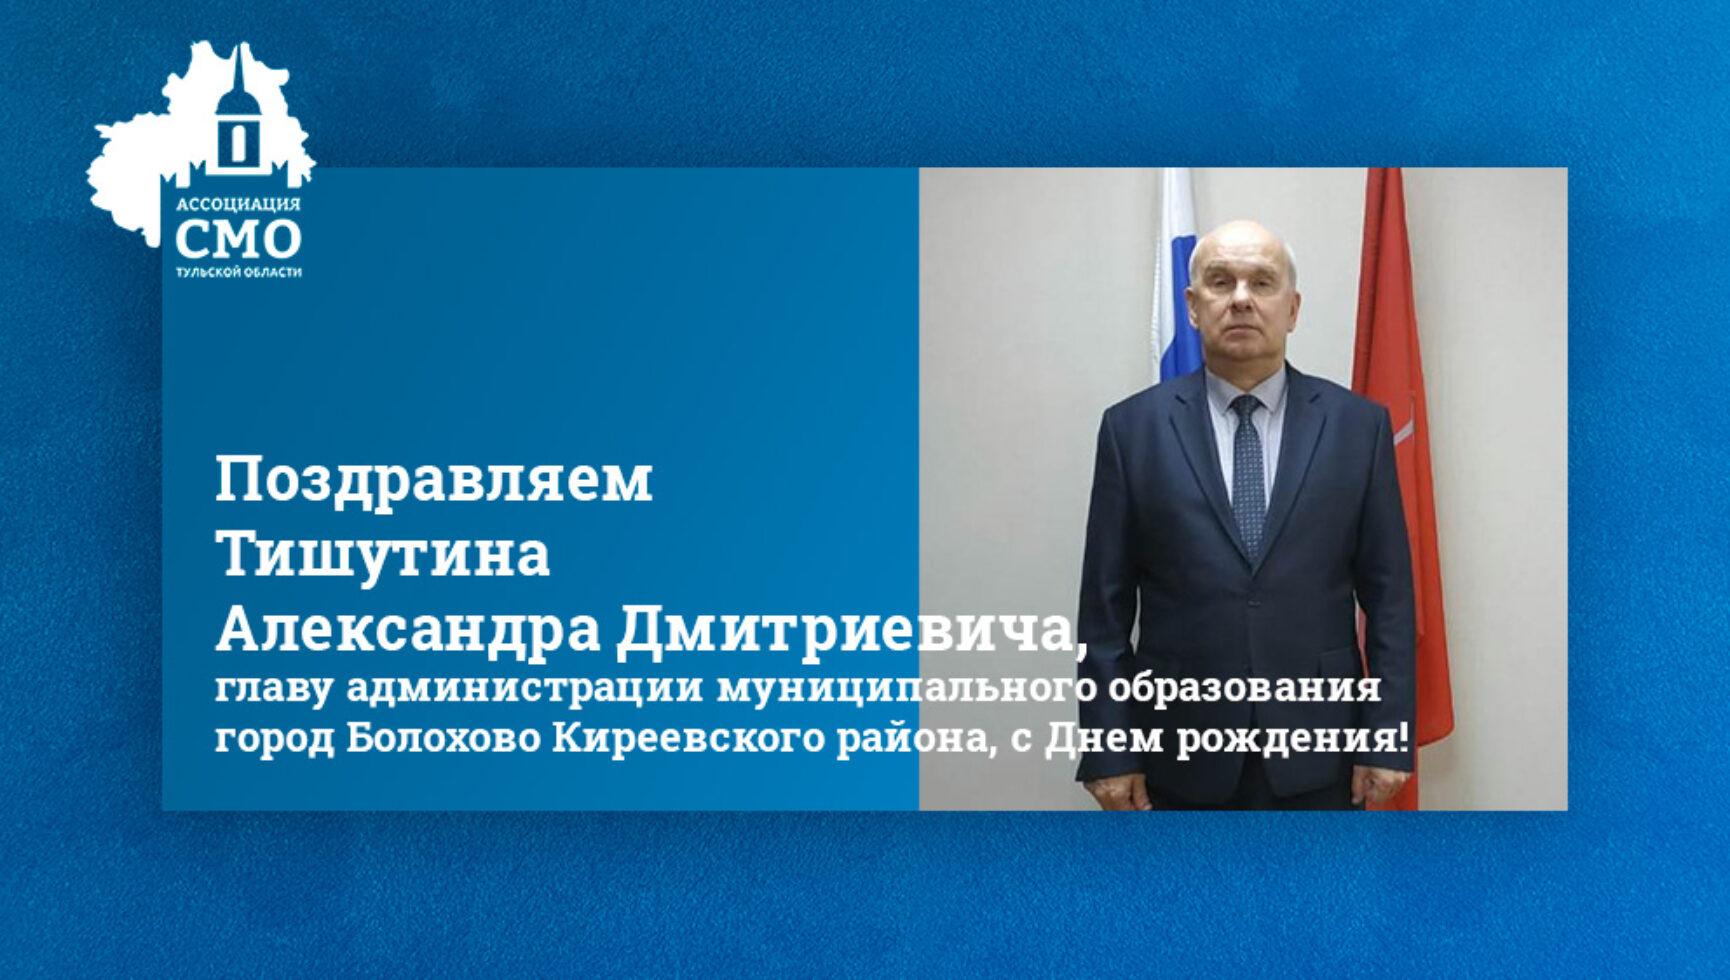 Поздравляем Тишутина Александра Дмитриевича, главу администрации муниципального образования город Болохово Киреевского района, с Днем рождения!